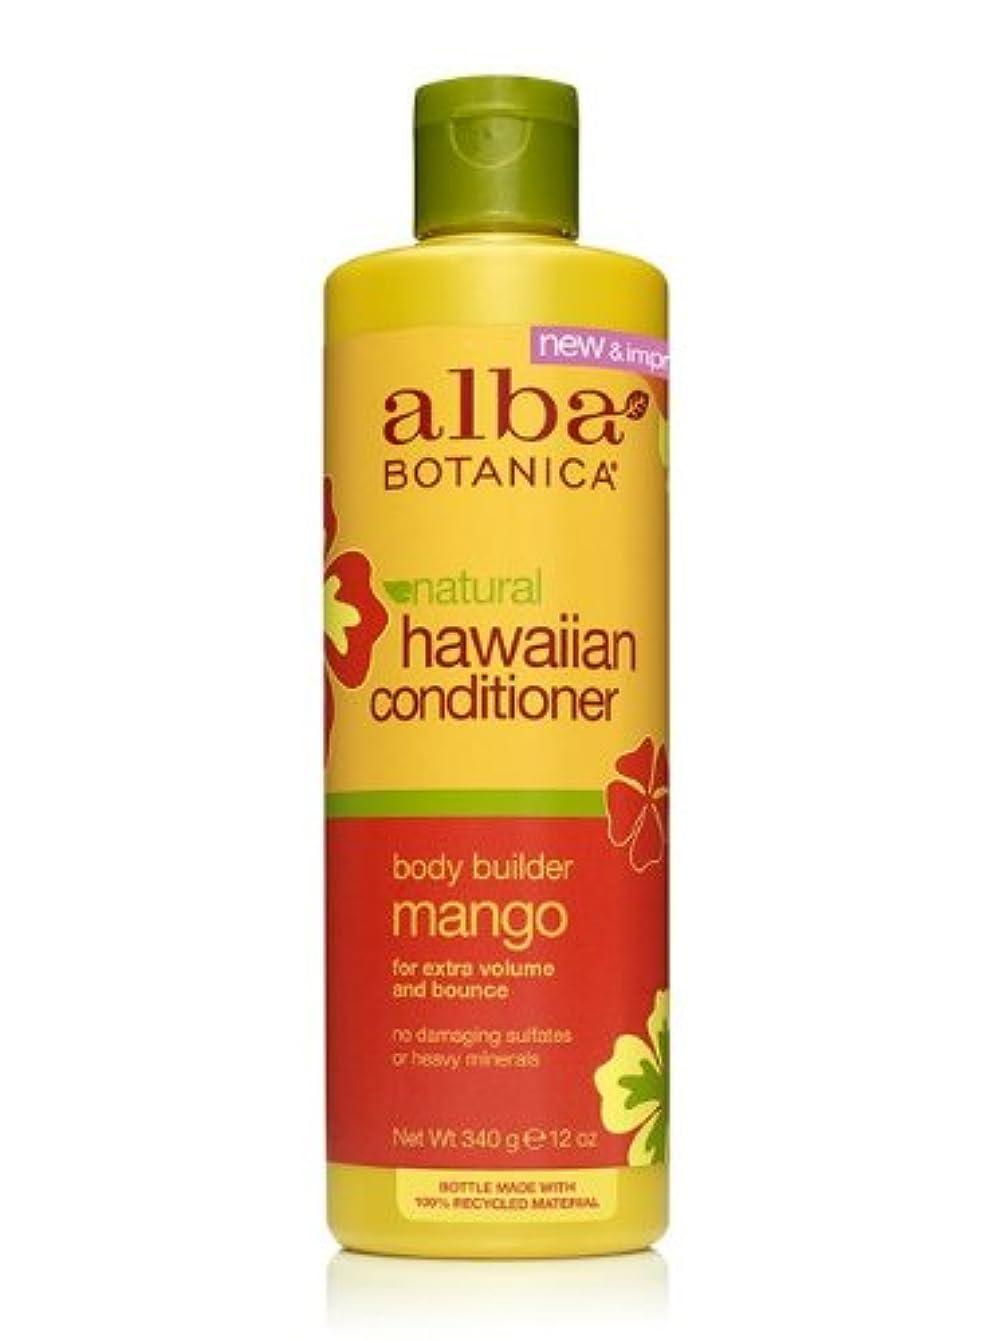 バーチャルいわゆる辛なalba BOTANICA アルバボタニカ ハワイアン ヘアコンディショナー MG マンゴー